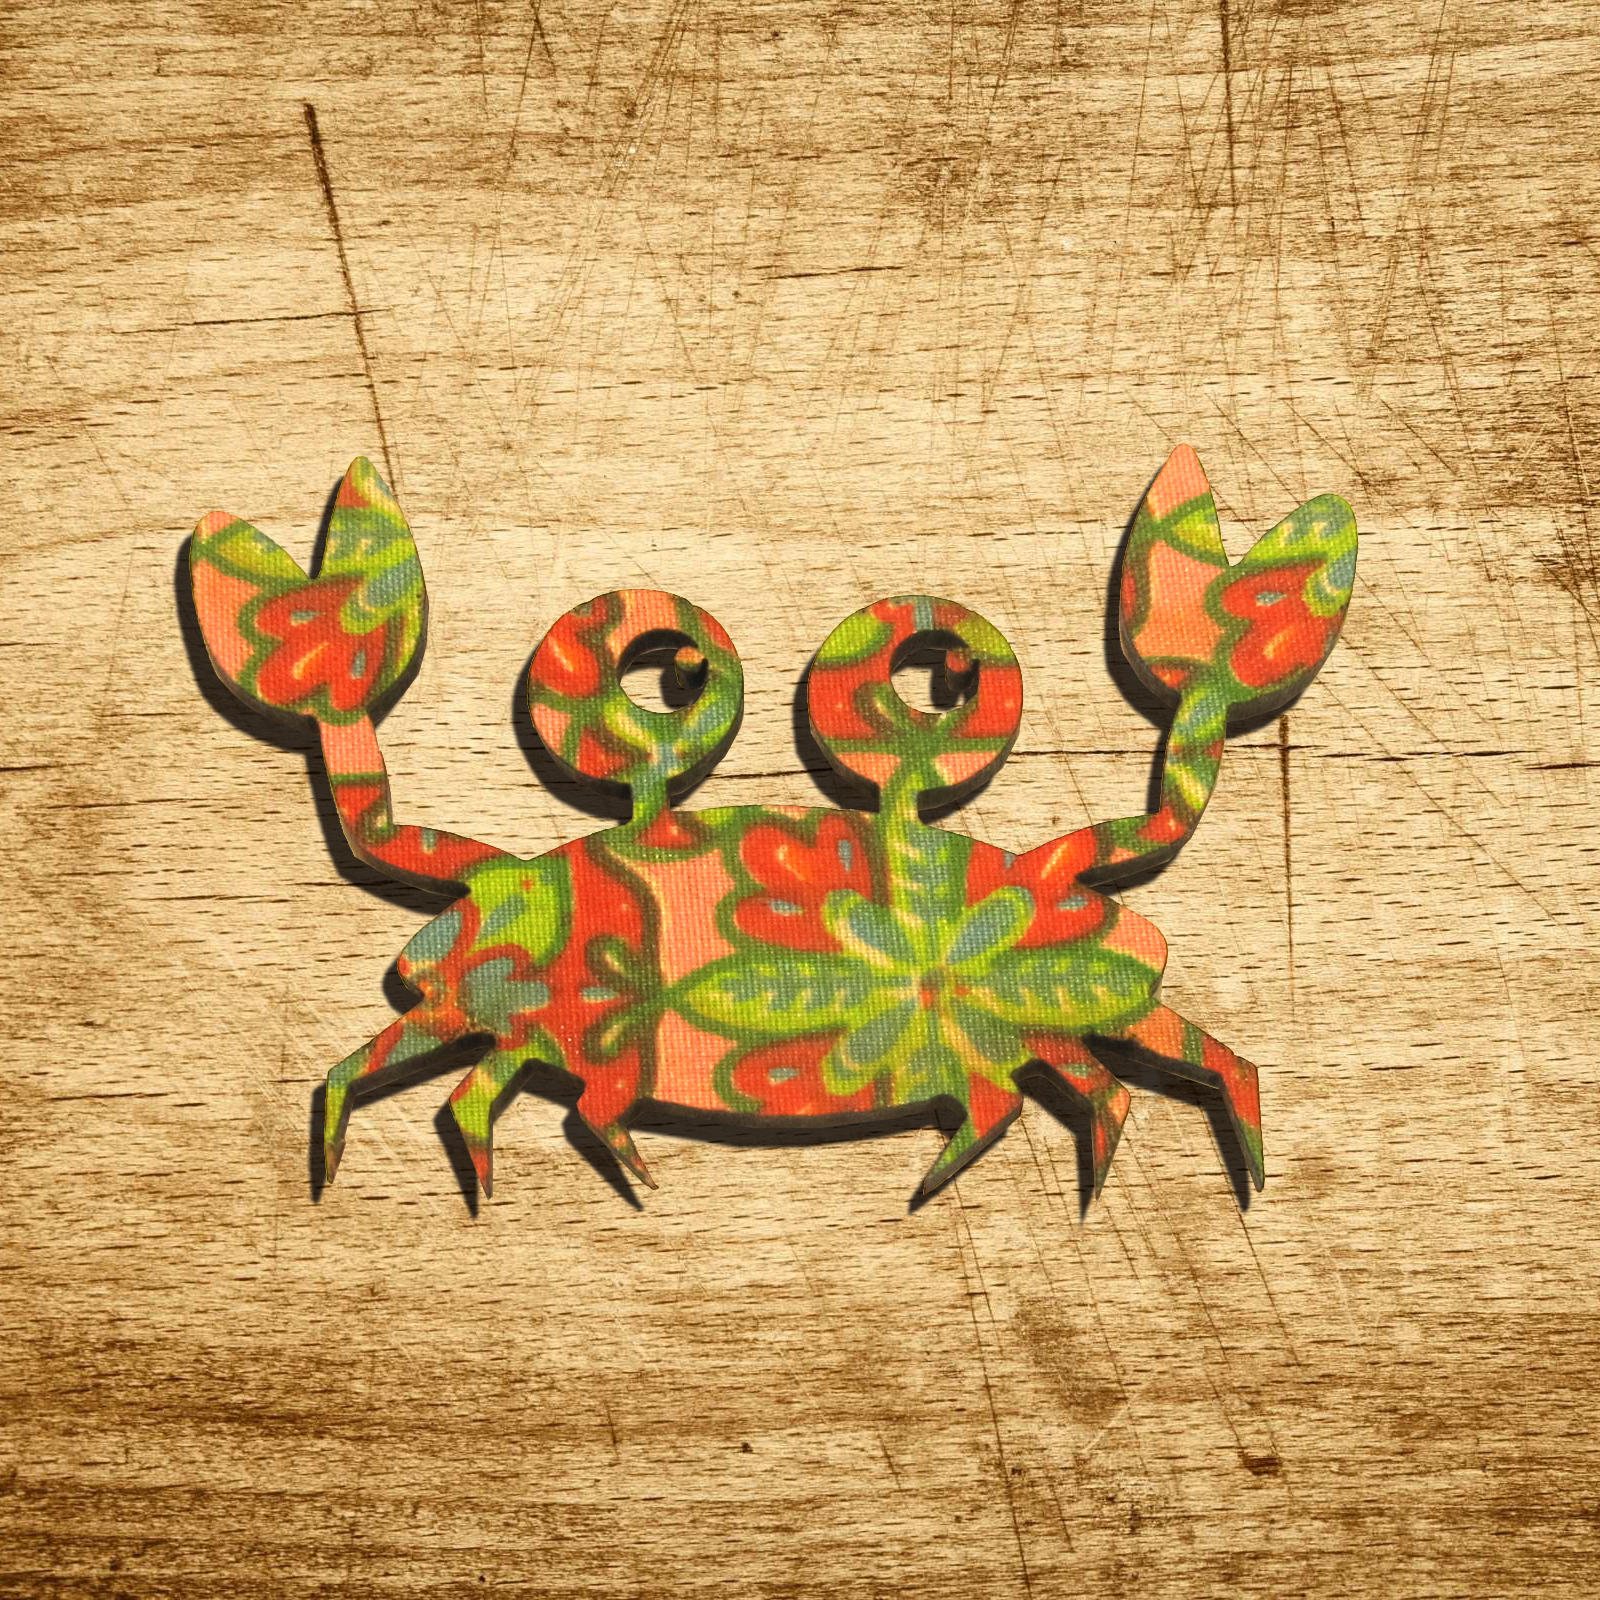 Crab Wall Decor | Cape Laser Cut